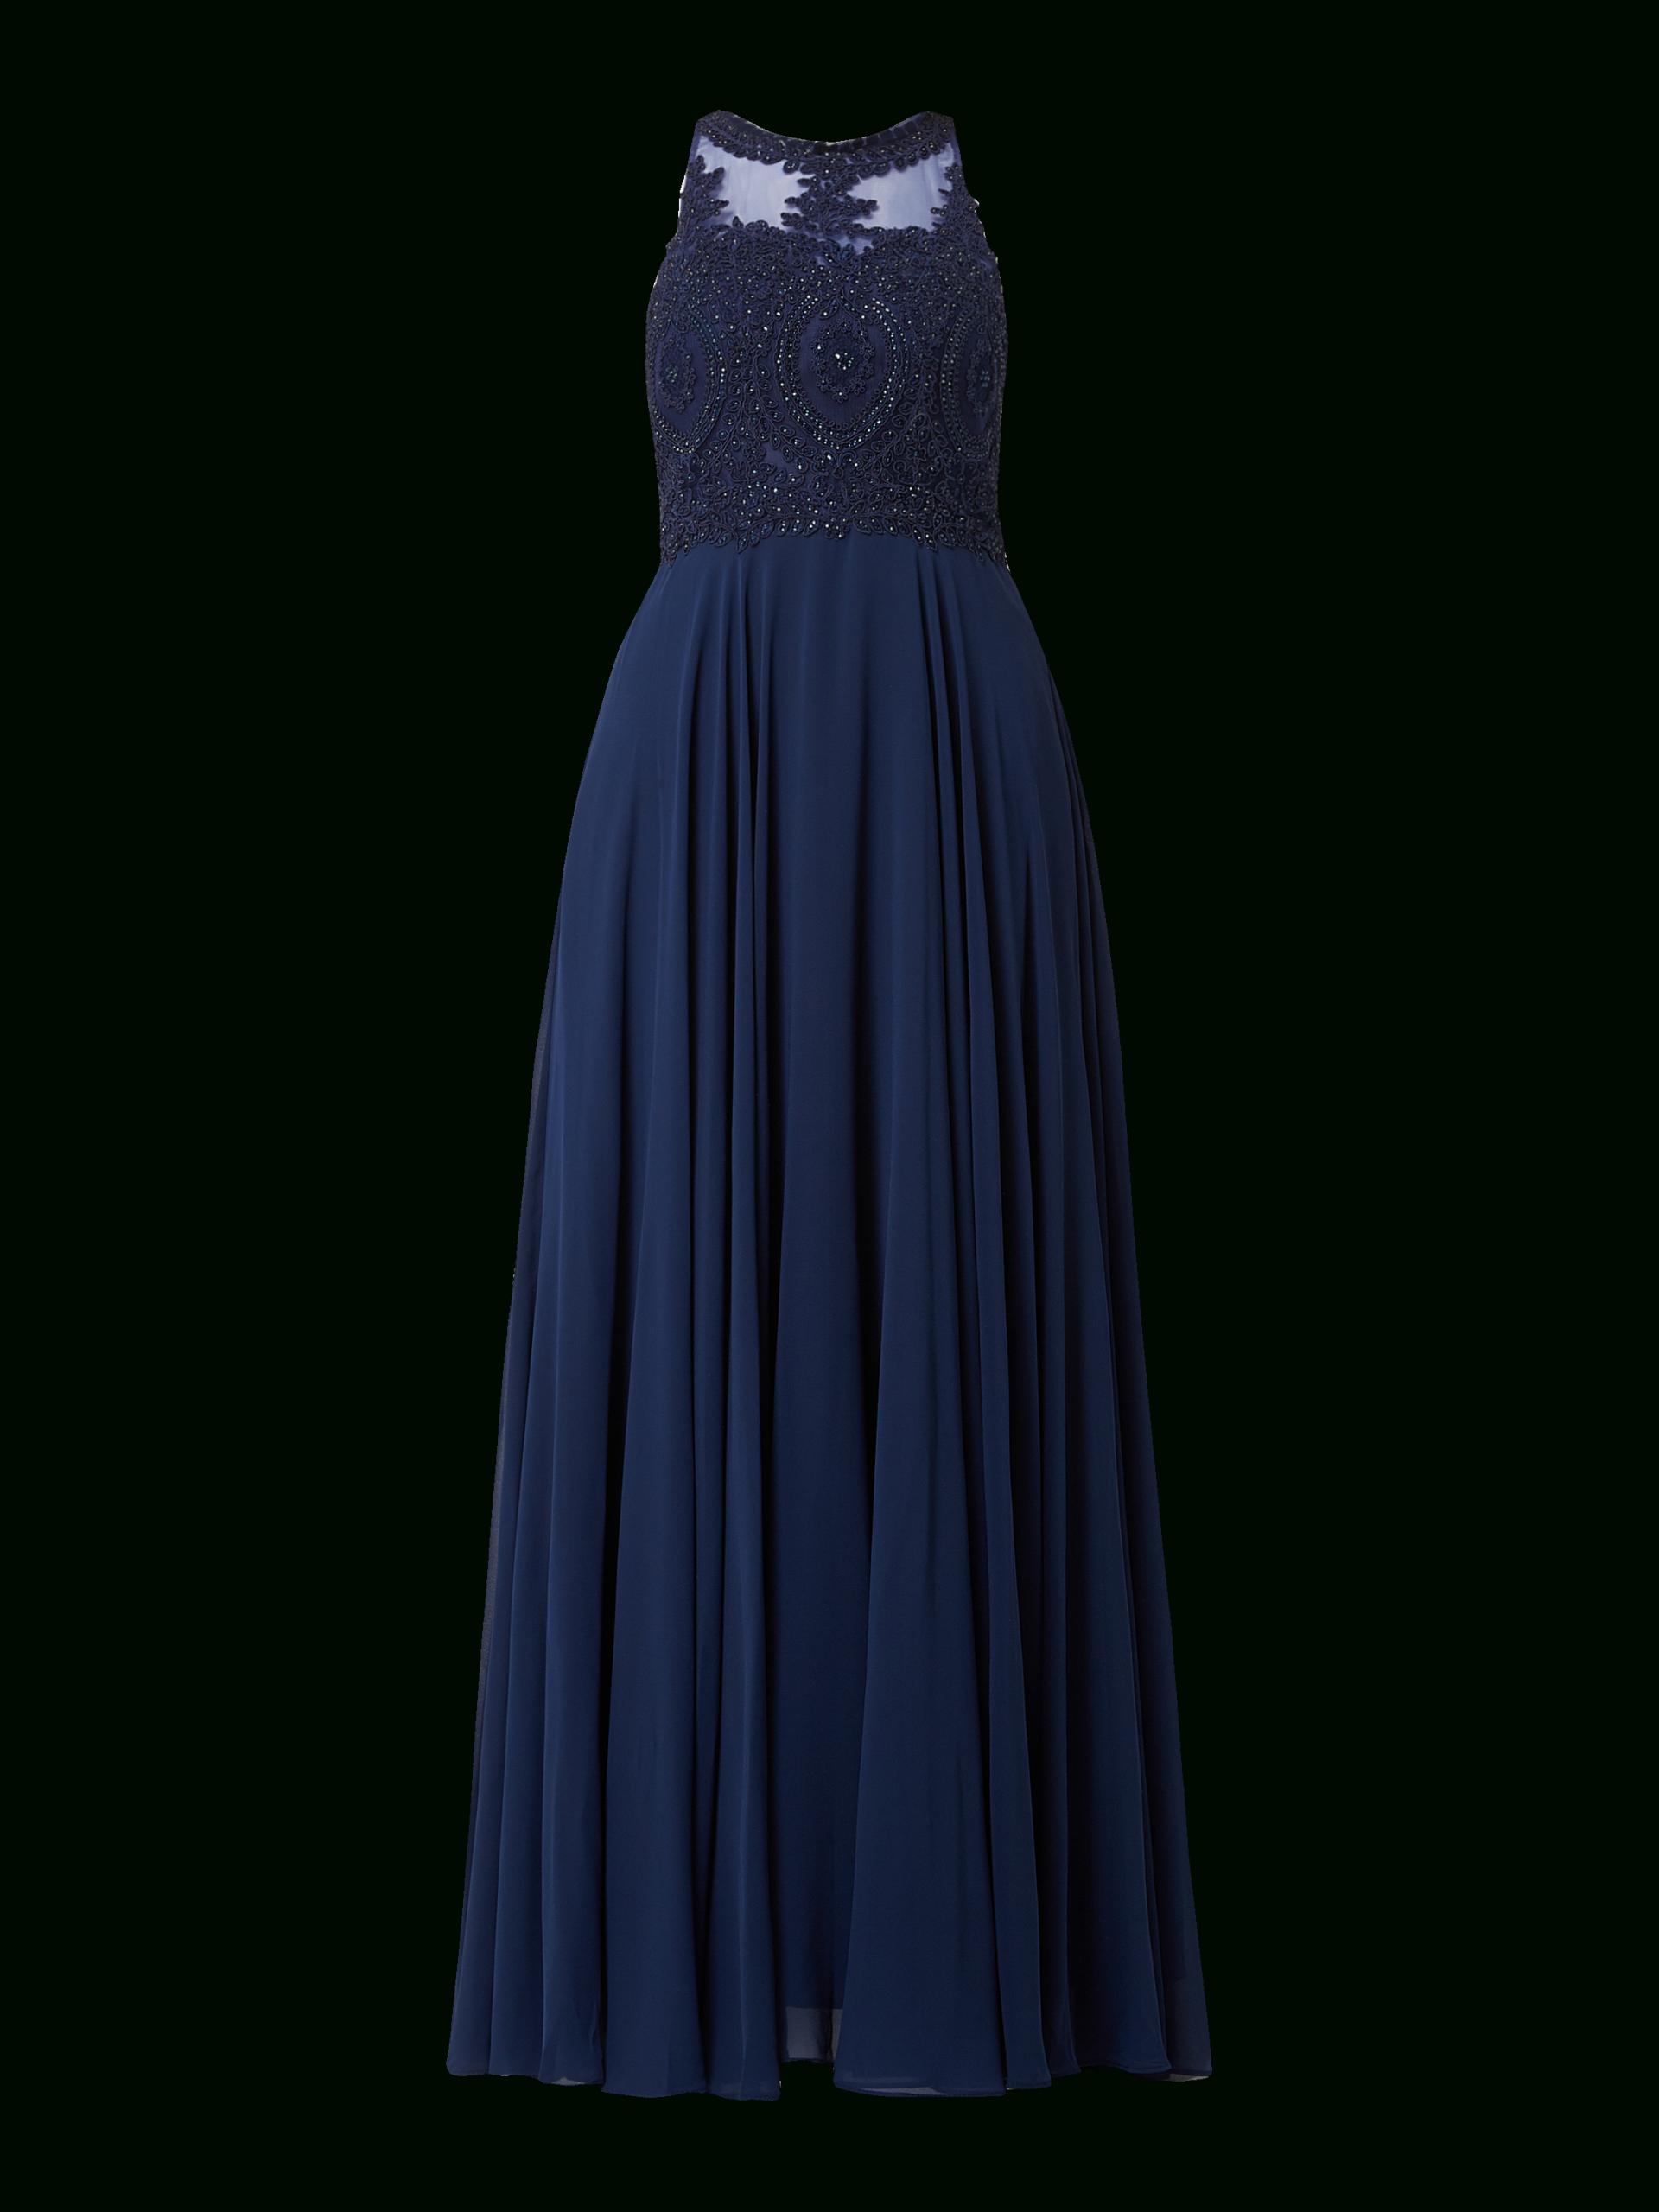 Formal Wunderbar P&C Abendkleid Dunkelblau VertriebAbend Luxurius P&C Abendkleid Dunkelblau Stylish